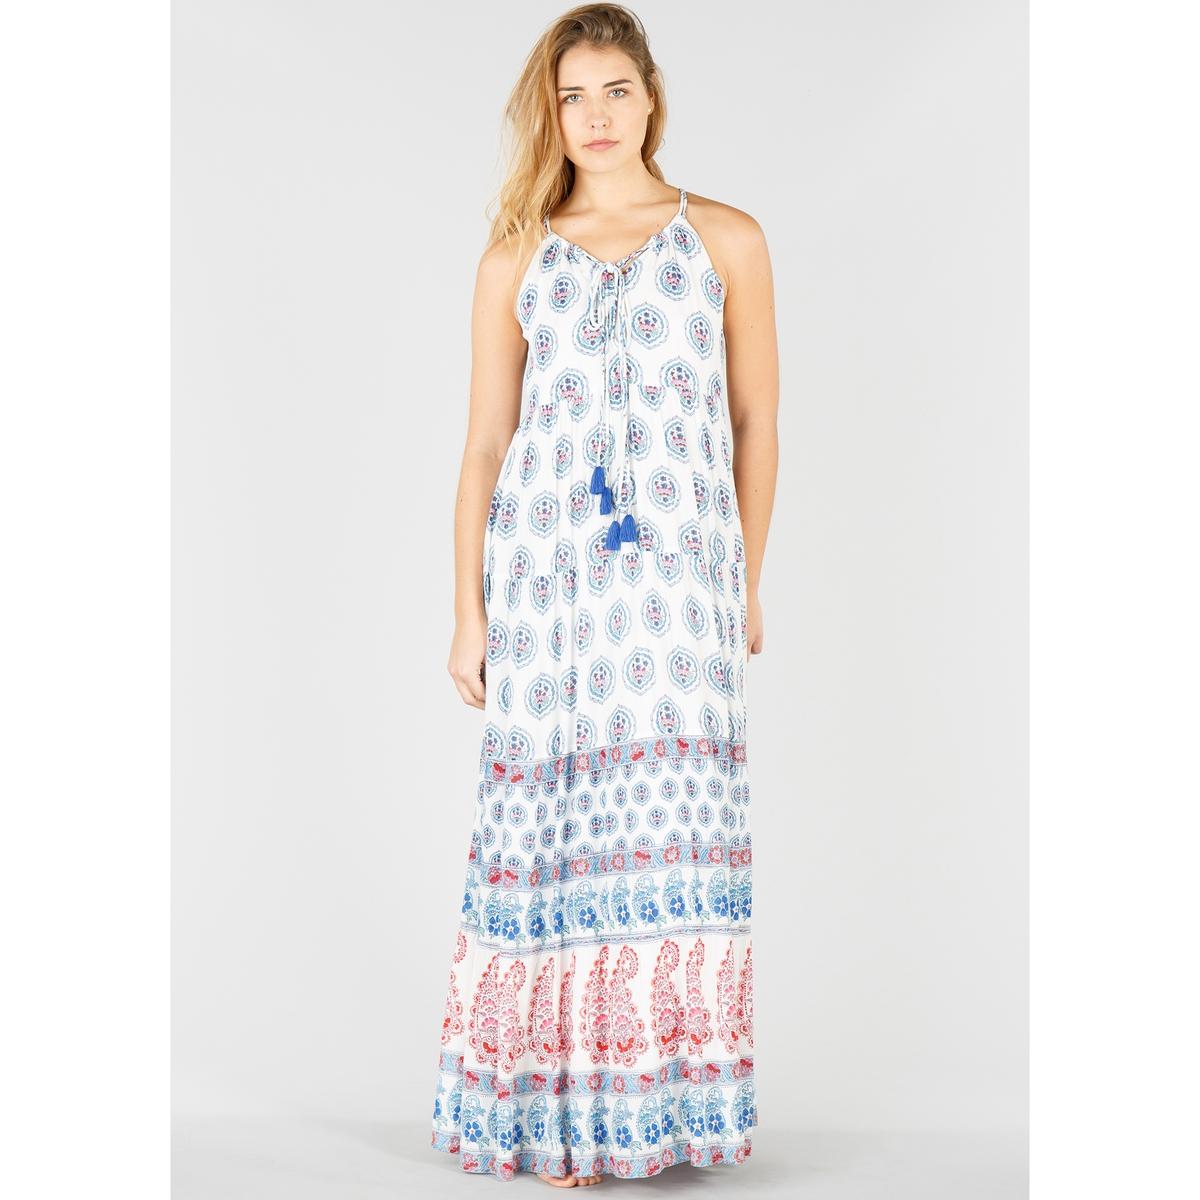 Платье длинное расклешённое с кашемировым рисунком платье укороченное расклешённое с рисунком рукава 3 4